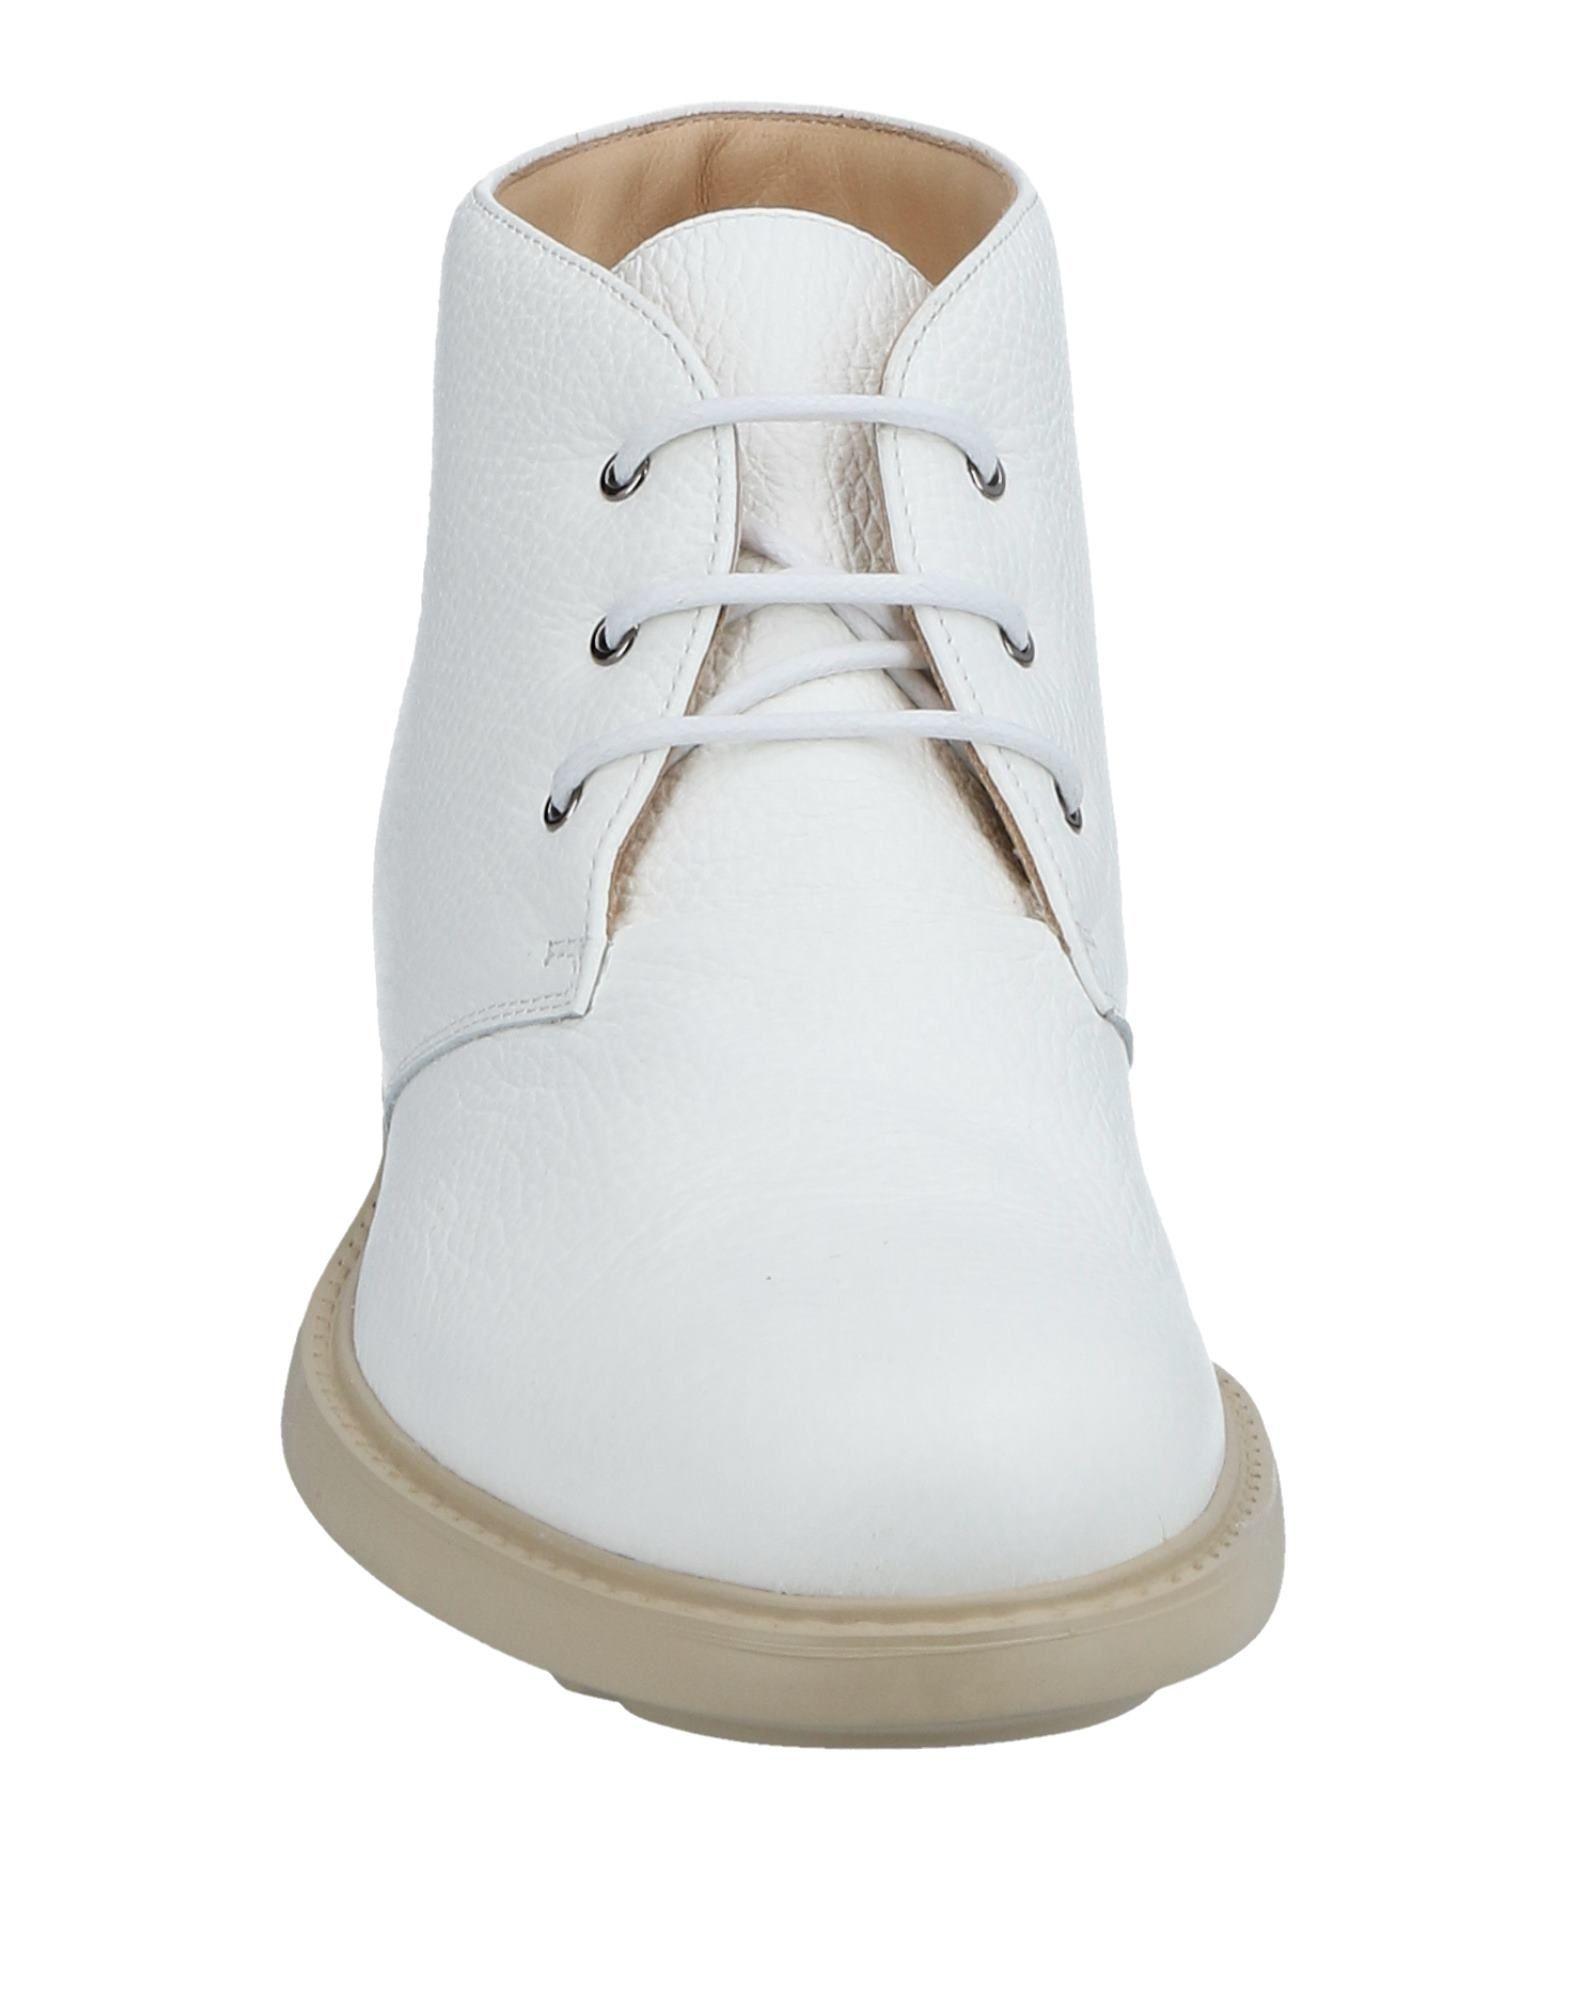 Loriblu Heiße Stiefelette Herren  11510573BK Heiße Loriblu Schuhe 65f905